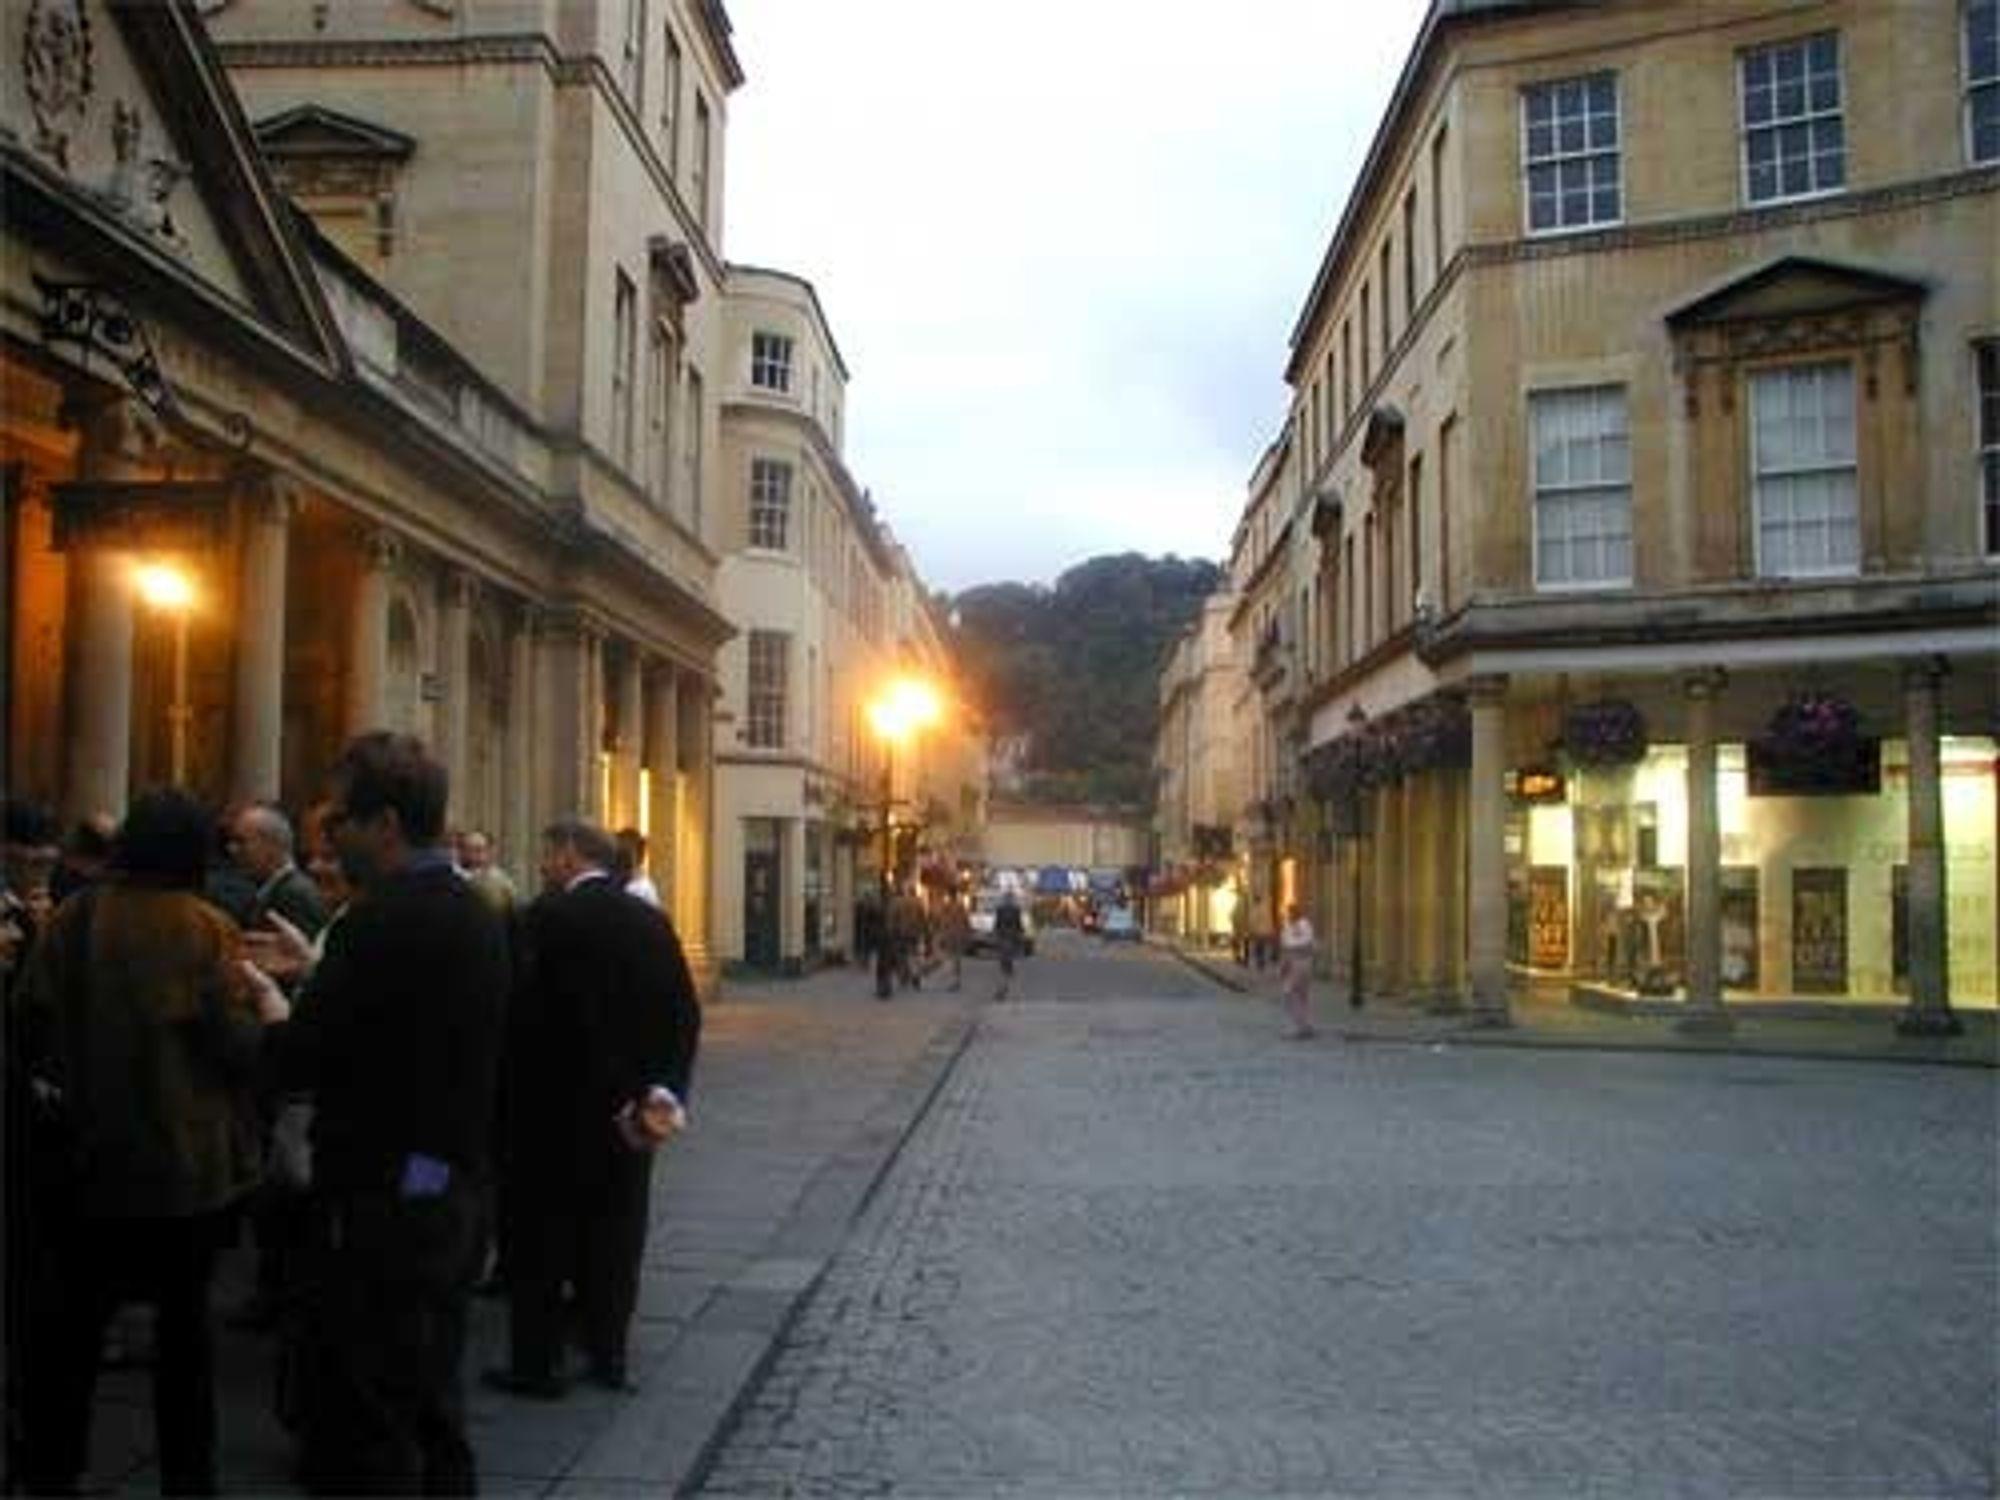 Den britiske byen Bath er en av Europas vakreste, og står høyt oppe på UNESCOs verdensarvliste. I disse middelalderomgivelsene utformes framtidas virtuelle bybilde.